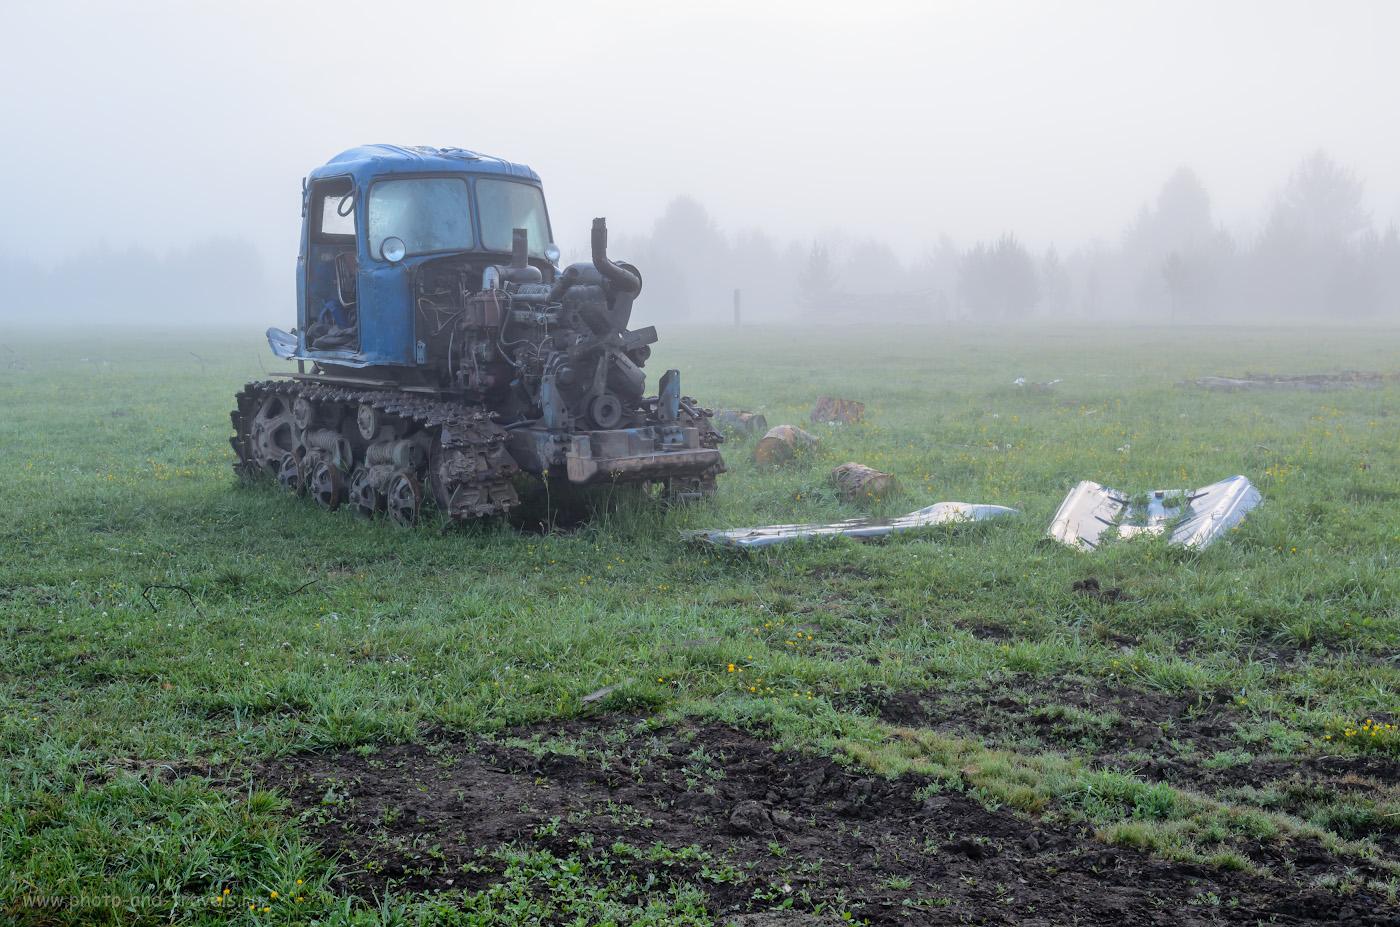 """Фото 19. Лишь трактор согласился стать для меня фотомоделью. Хутор Отнурок у подножья горы Малиновая. Здесь расположена турбаза """"Малиновка"""".0.25, 9.0, 100, 28."""